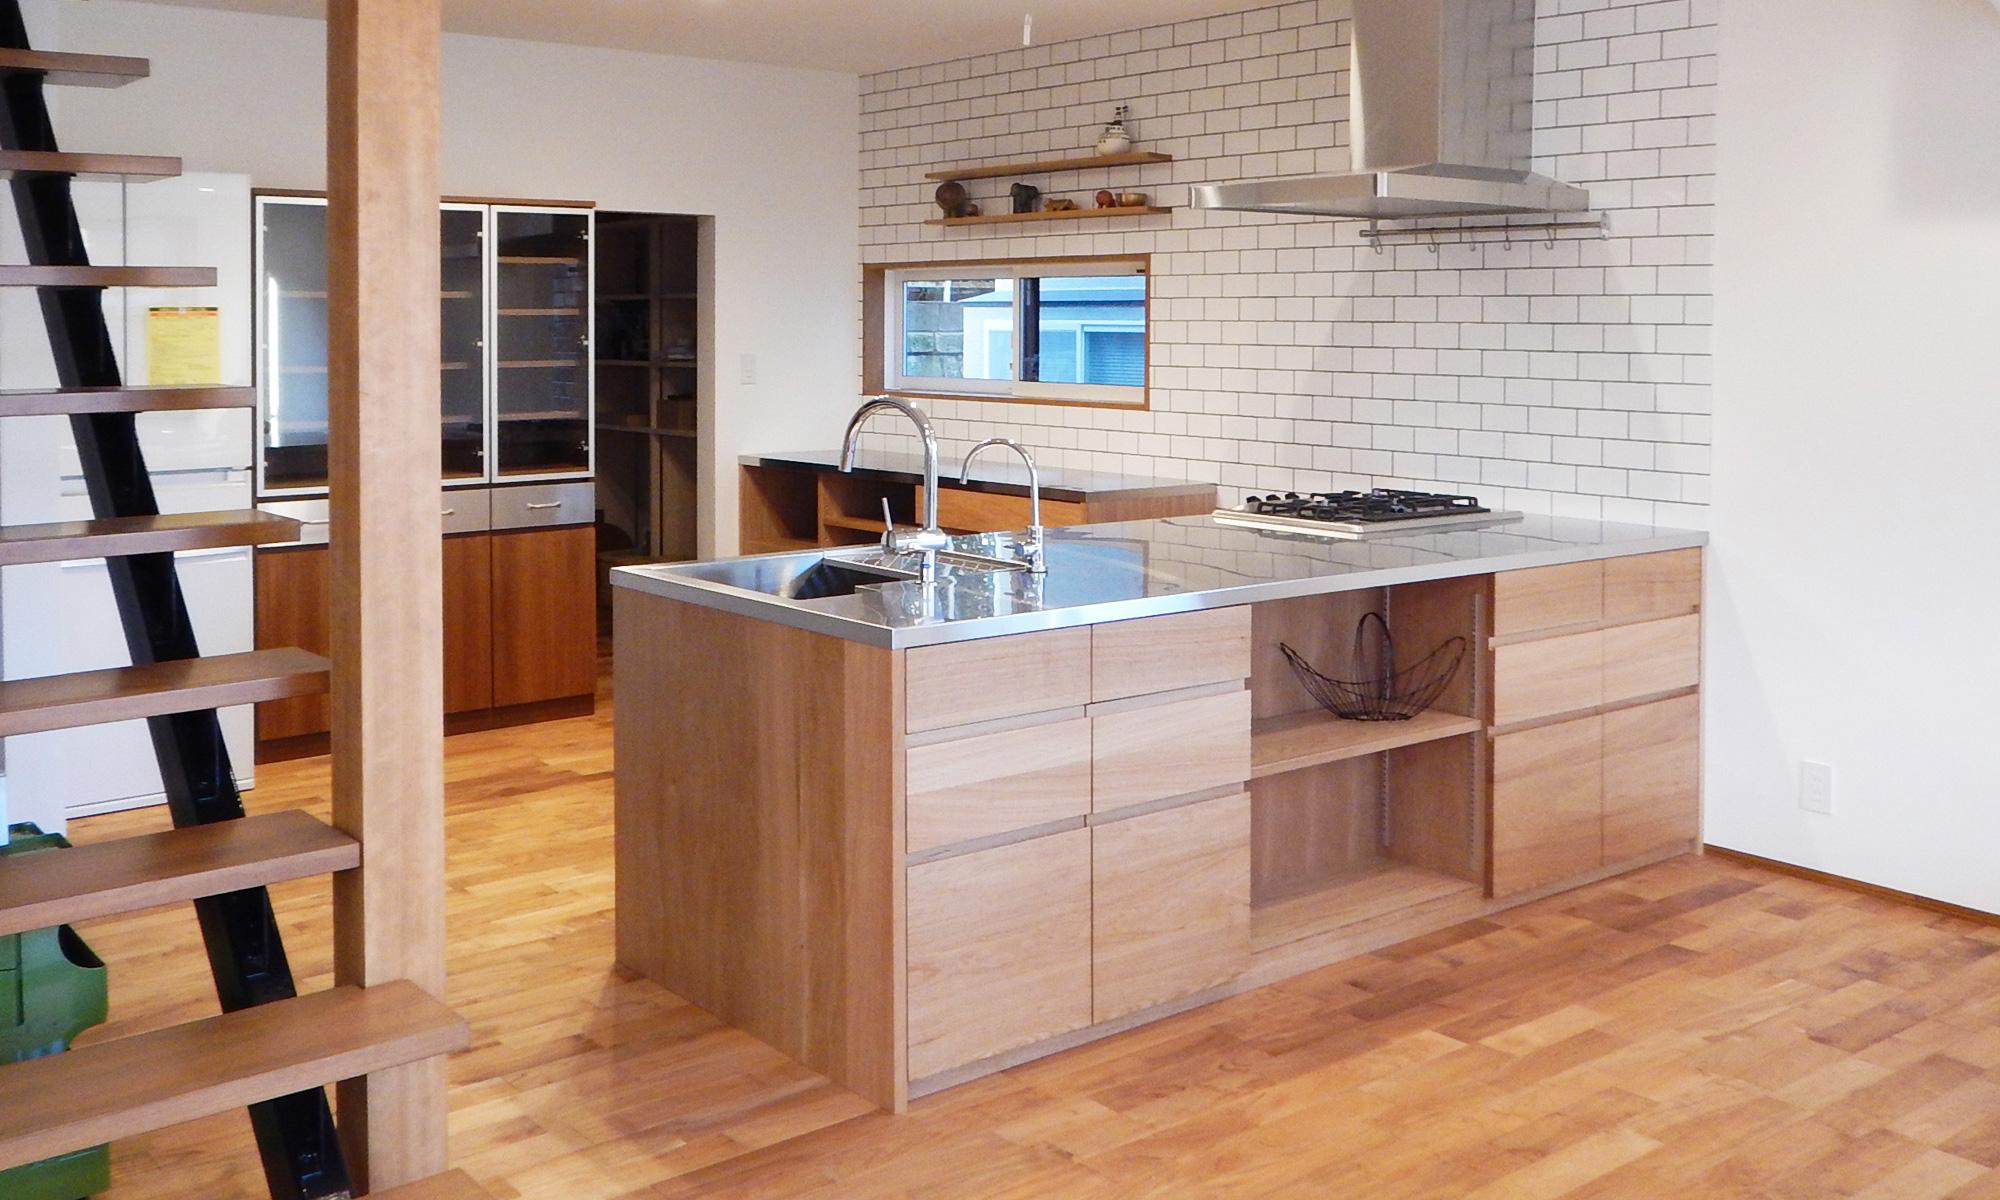 オーダーキッチン ガスオーブンとガゲナウ60cm食洗機をビルトイン 734イメージ-1